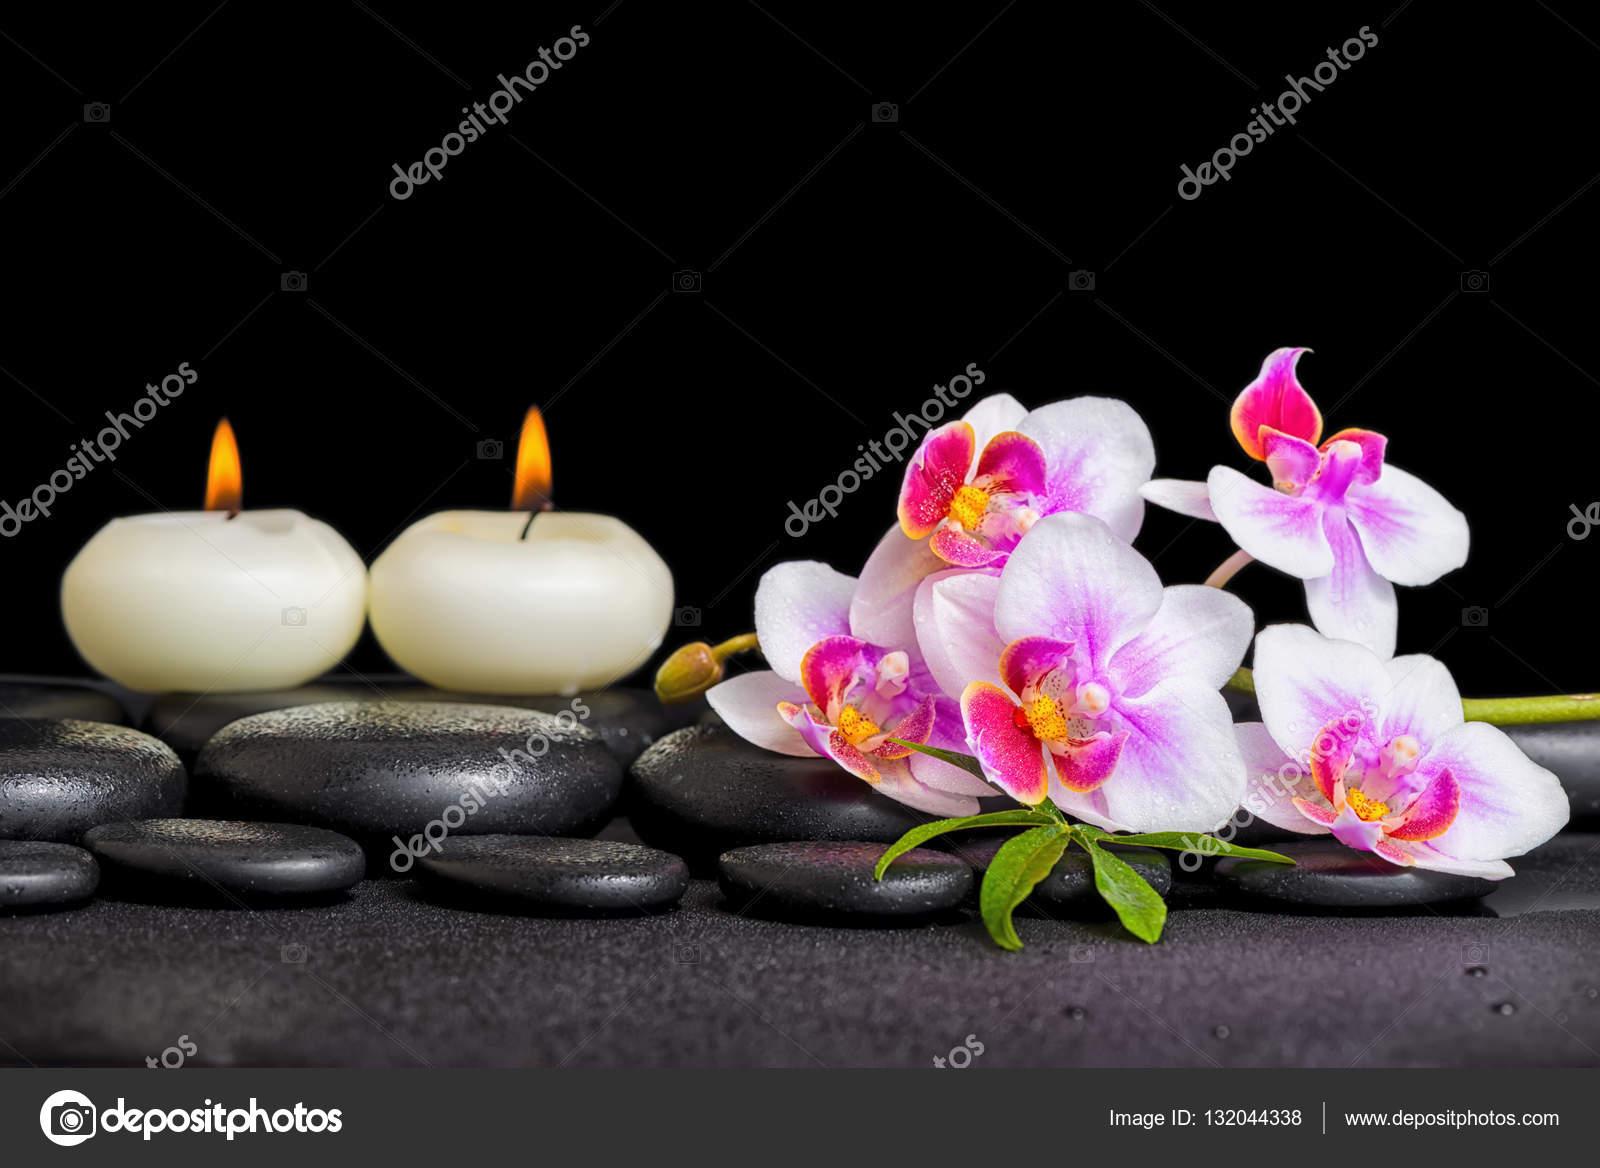 Decoration De Spa en ce qui concerne décoration de spa de violet orchidée phalaenopsis et bougies sur